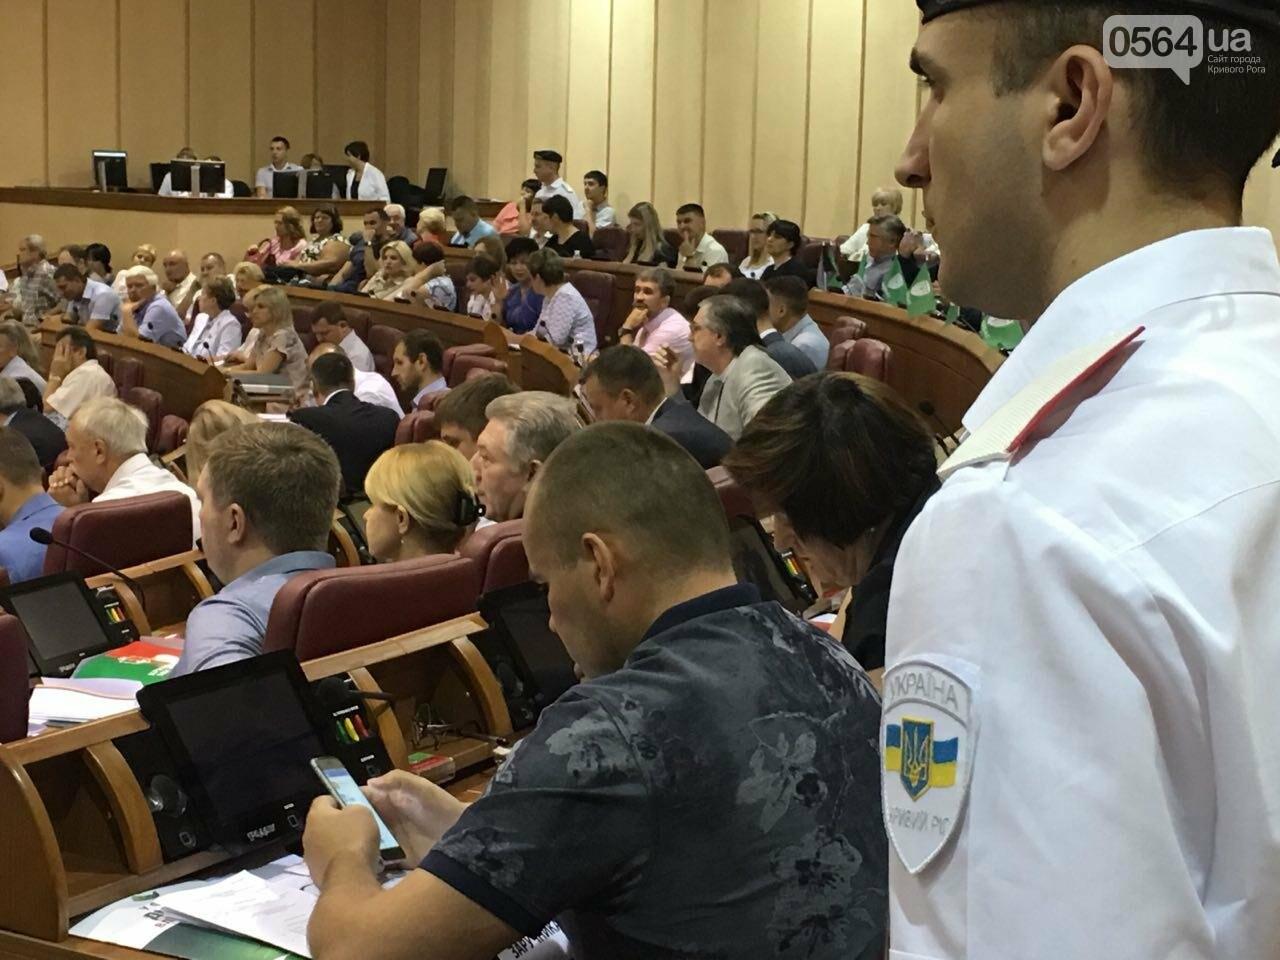 Криворожские депутаты обсудят вопрос премирования мэра и его заместителей, тариф на проезд в маршрутках и поддержку бизнесменов, - ФОТО, фото-15